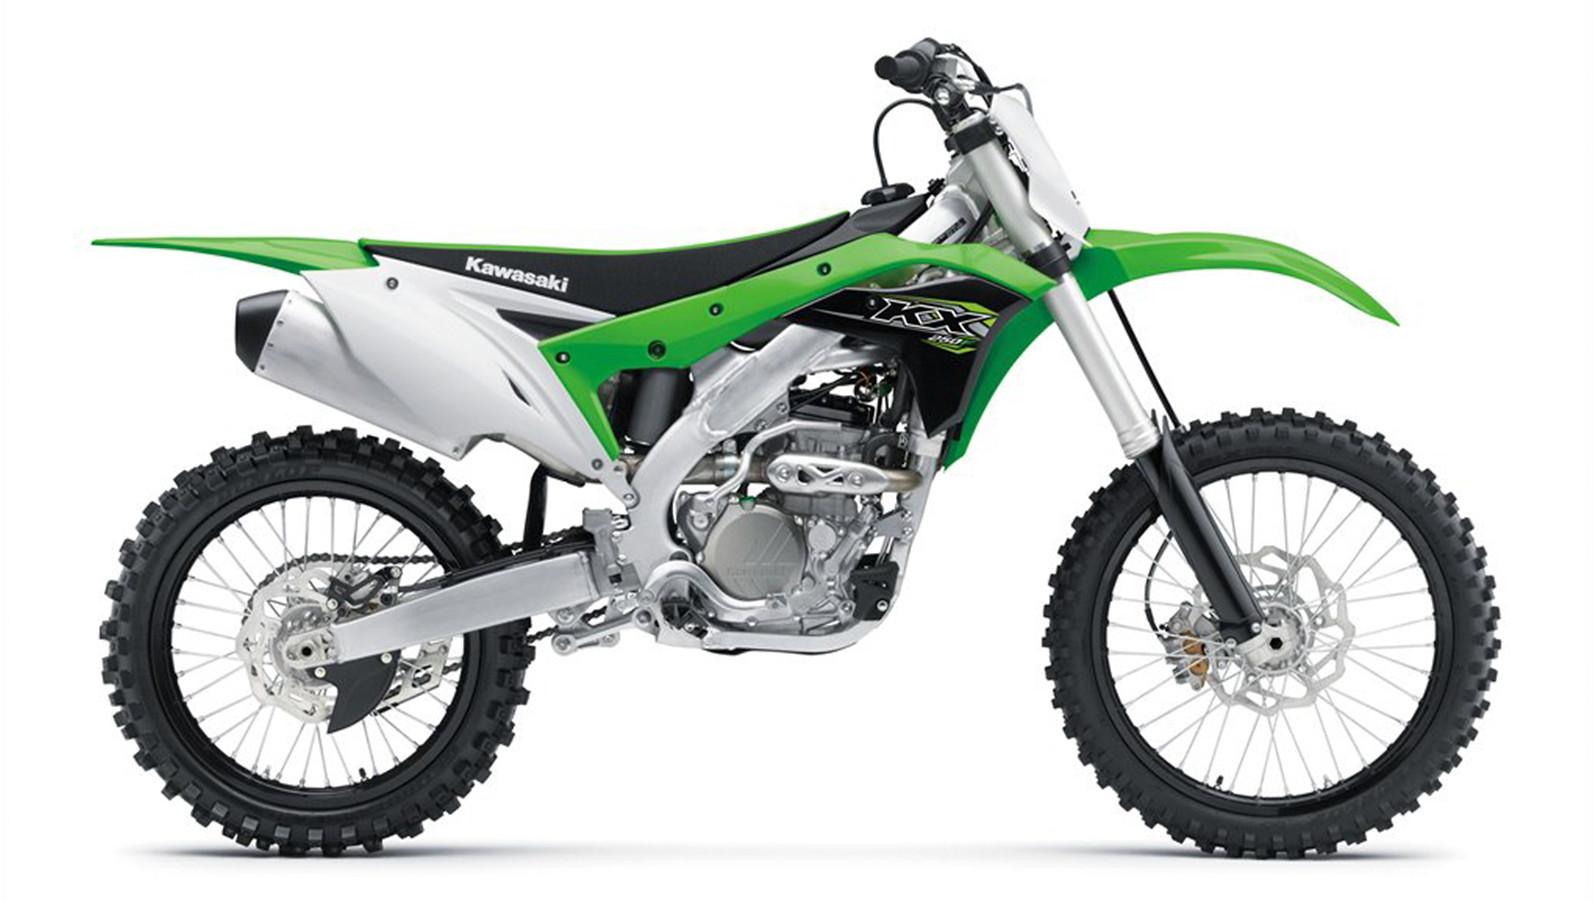 2018 Kawasaki KX250F  2018 Kawasaki KX250F